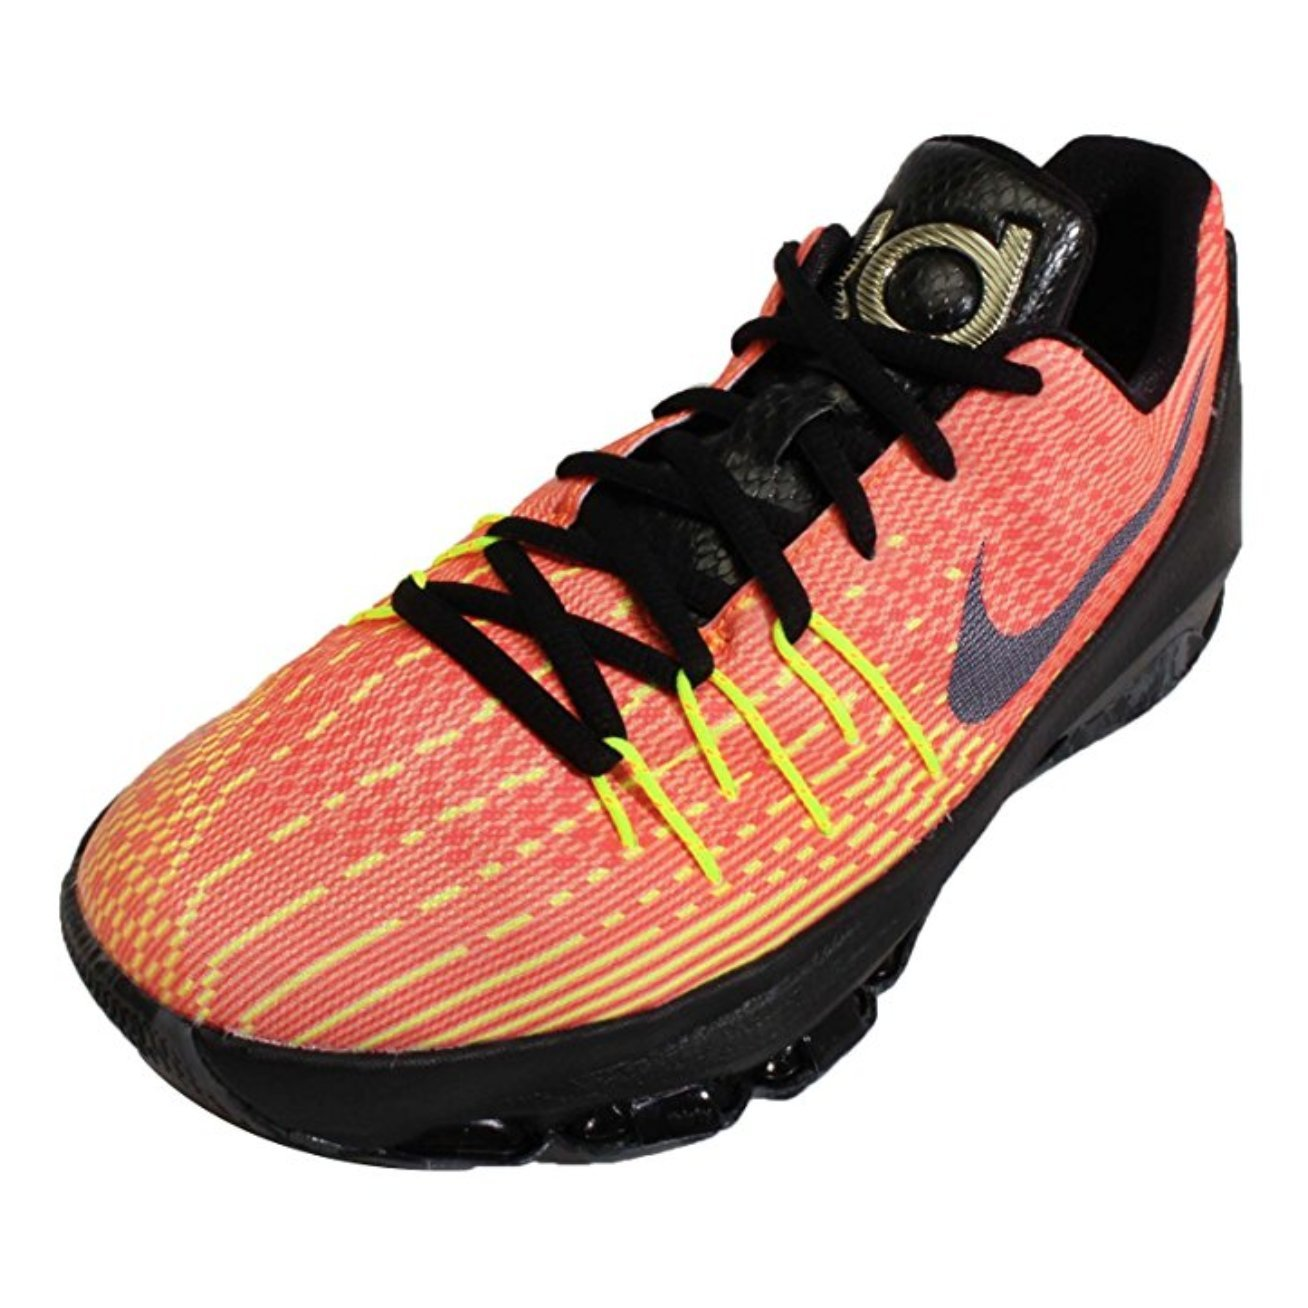 e5b3472fab179 NIKE Nike Air Max Trax Mens Trainers